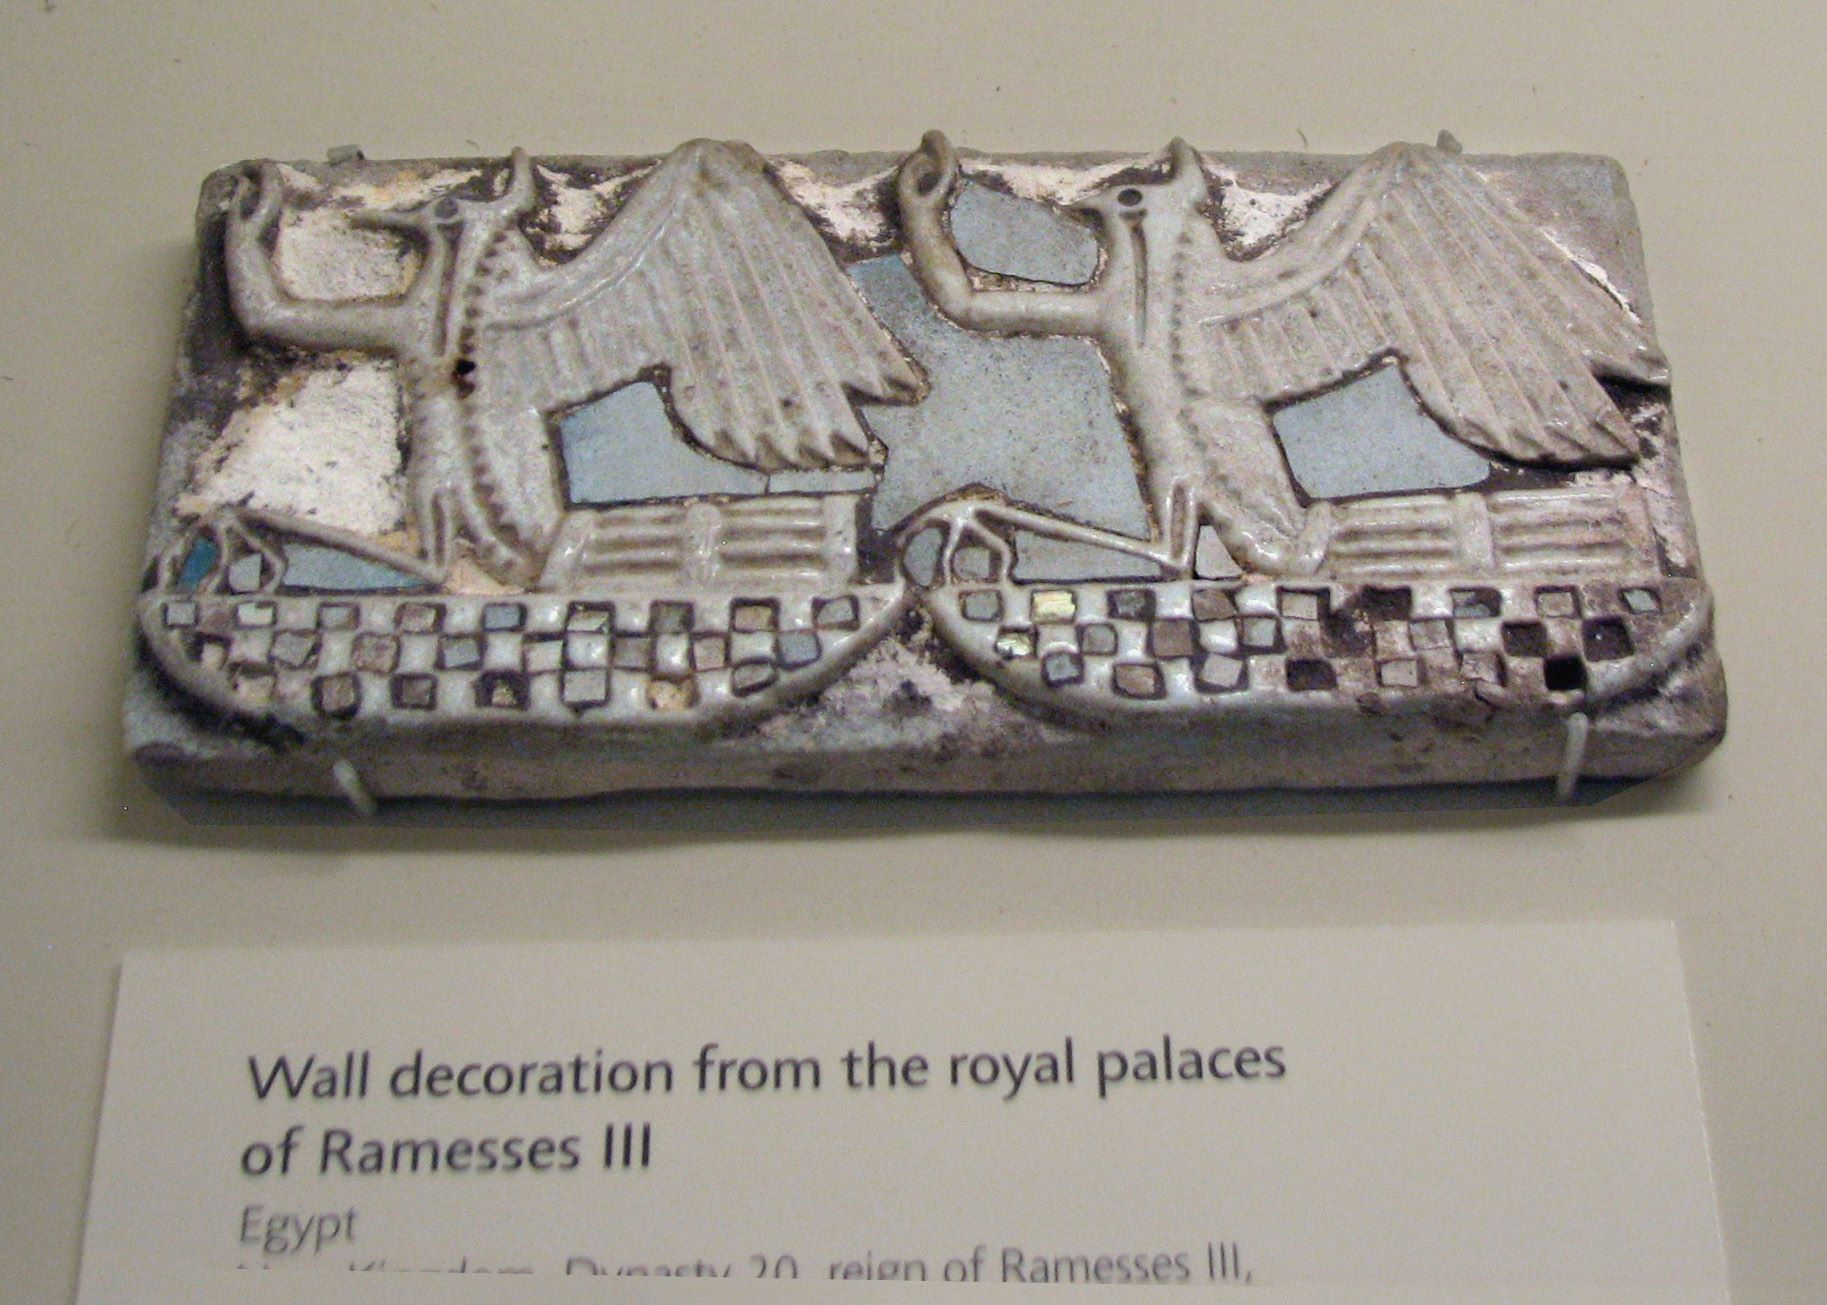 décoration murale de la royal Palais de RAMSÈS, Egypte, nouvel empire, la dynastie 20. (Crédit : Joan lakhdar)